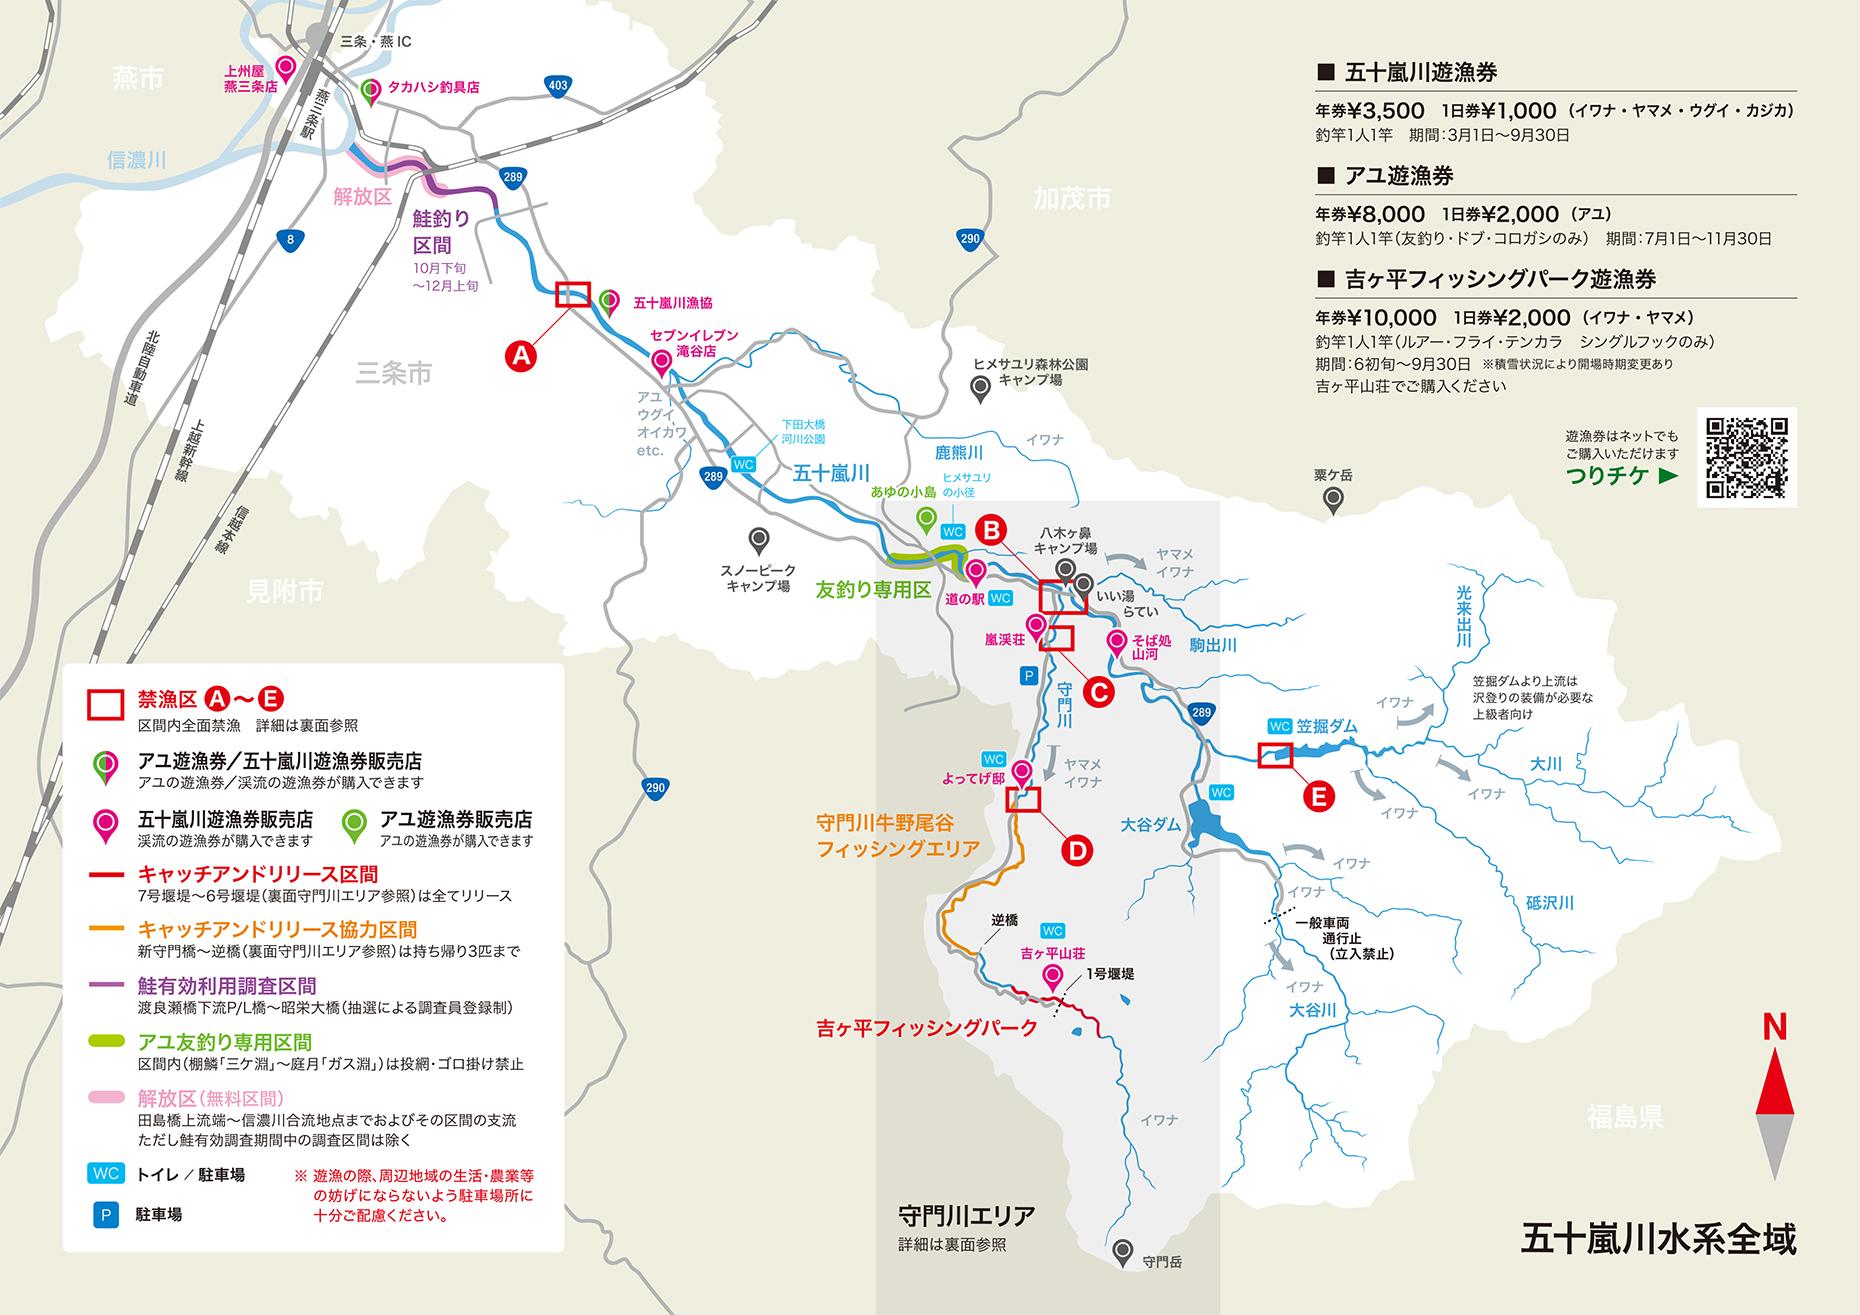 五十嵐川フィッシングマップ中面(全体)